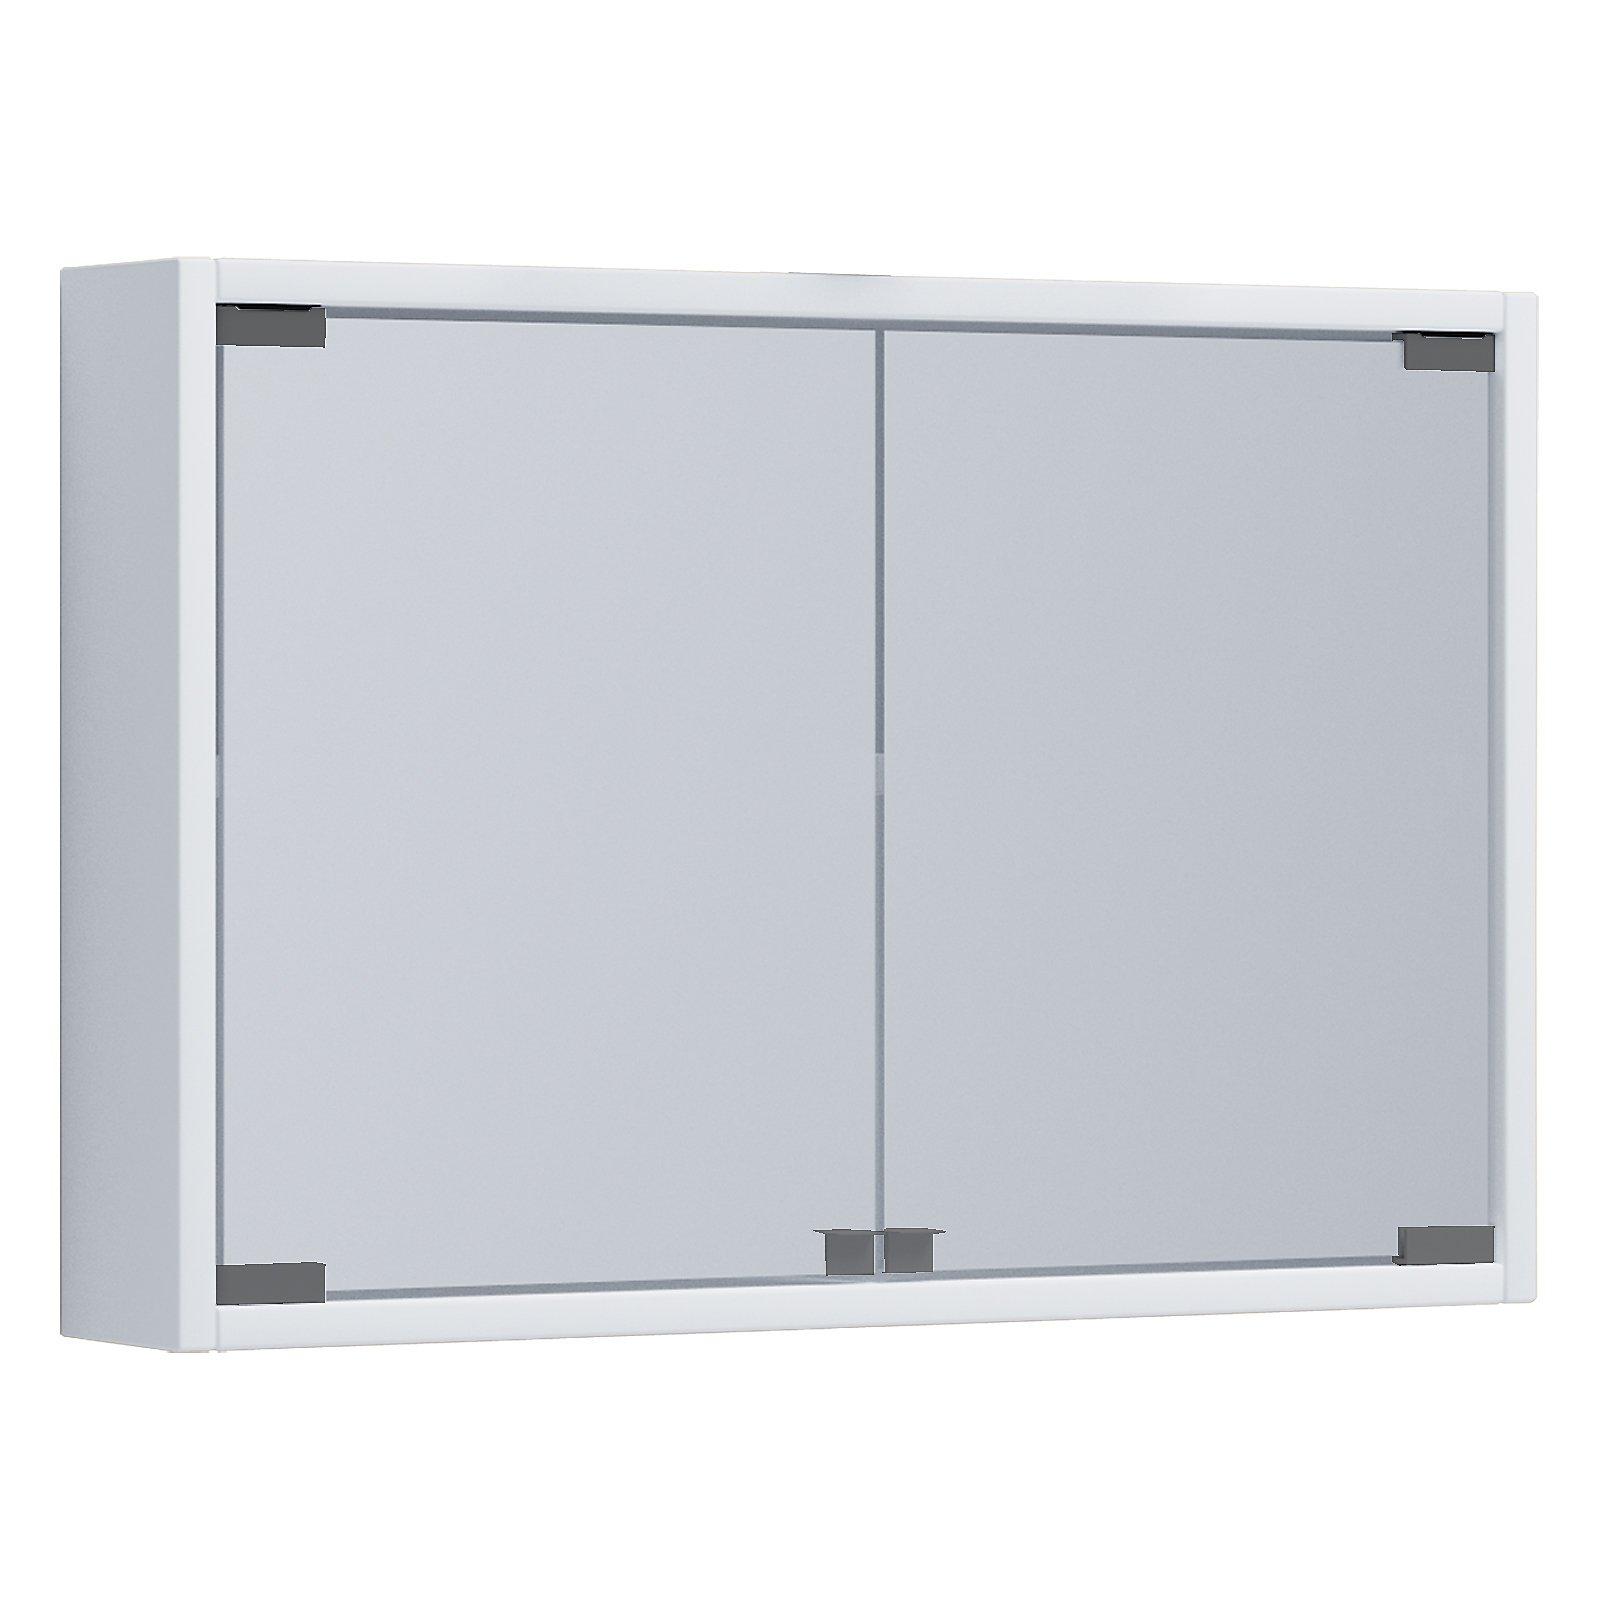 Badezimmer Hängeschrank Mit Spiegel | Vcm Spiegelschrank Badmobel Badezimmer Badezimmerschrank